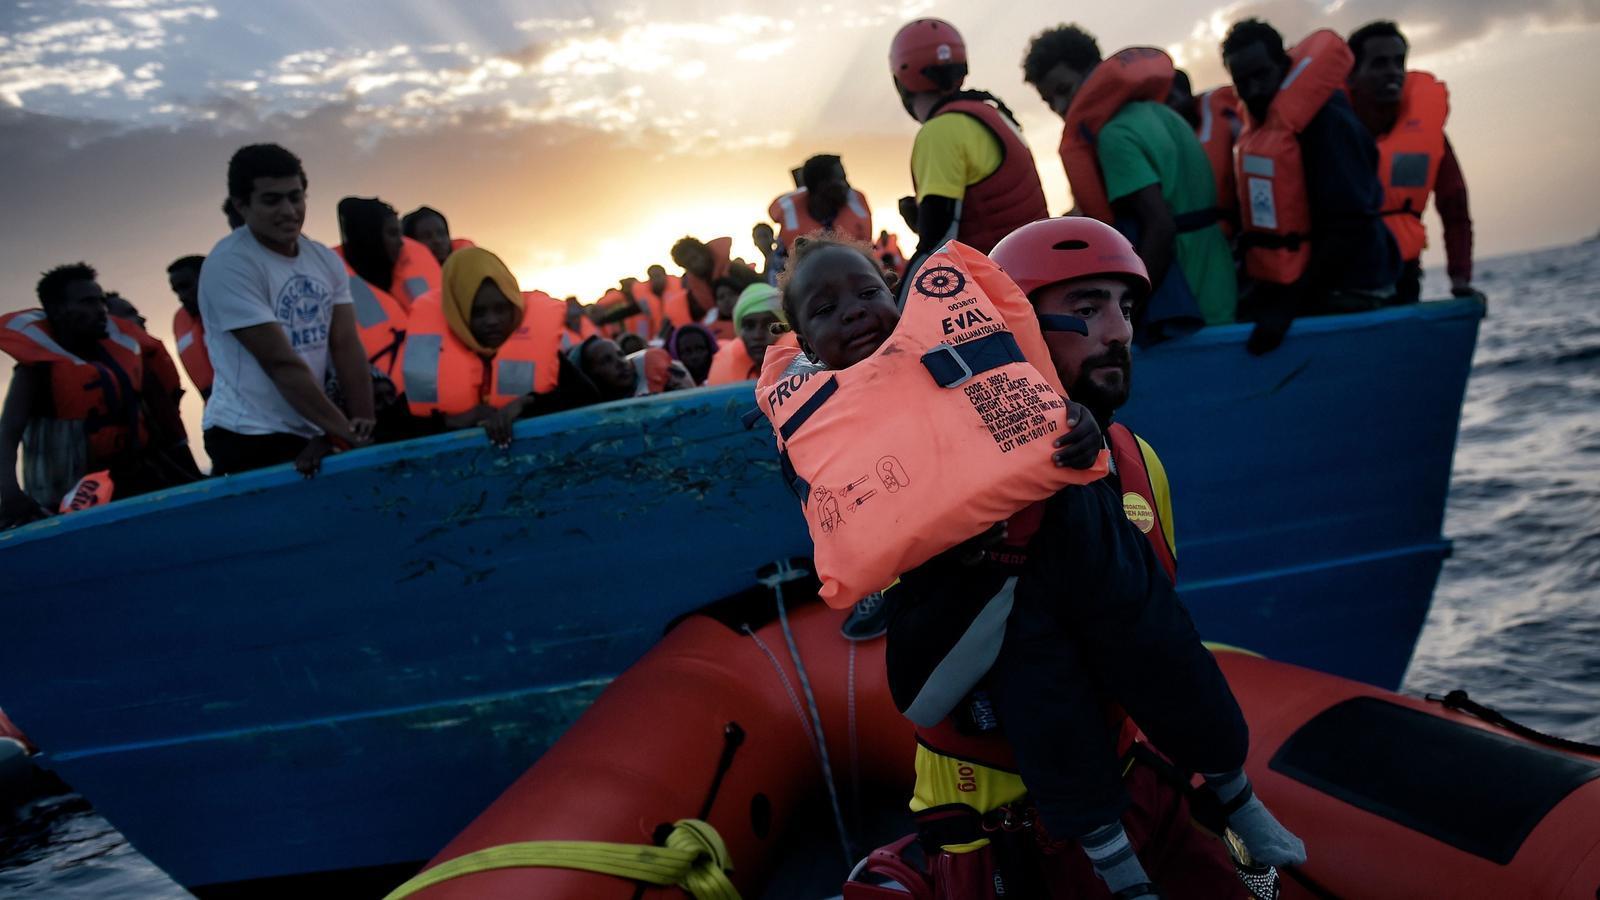 REFUGIADOS-UE II - Página 2 Voluntari-Proactiva-puja-llanxa-salvament_1662443854_34457168_651x433